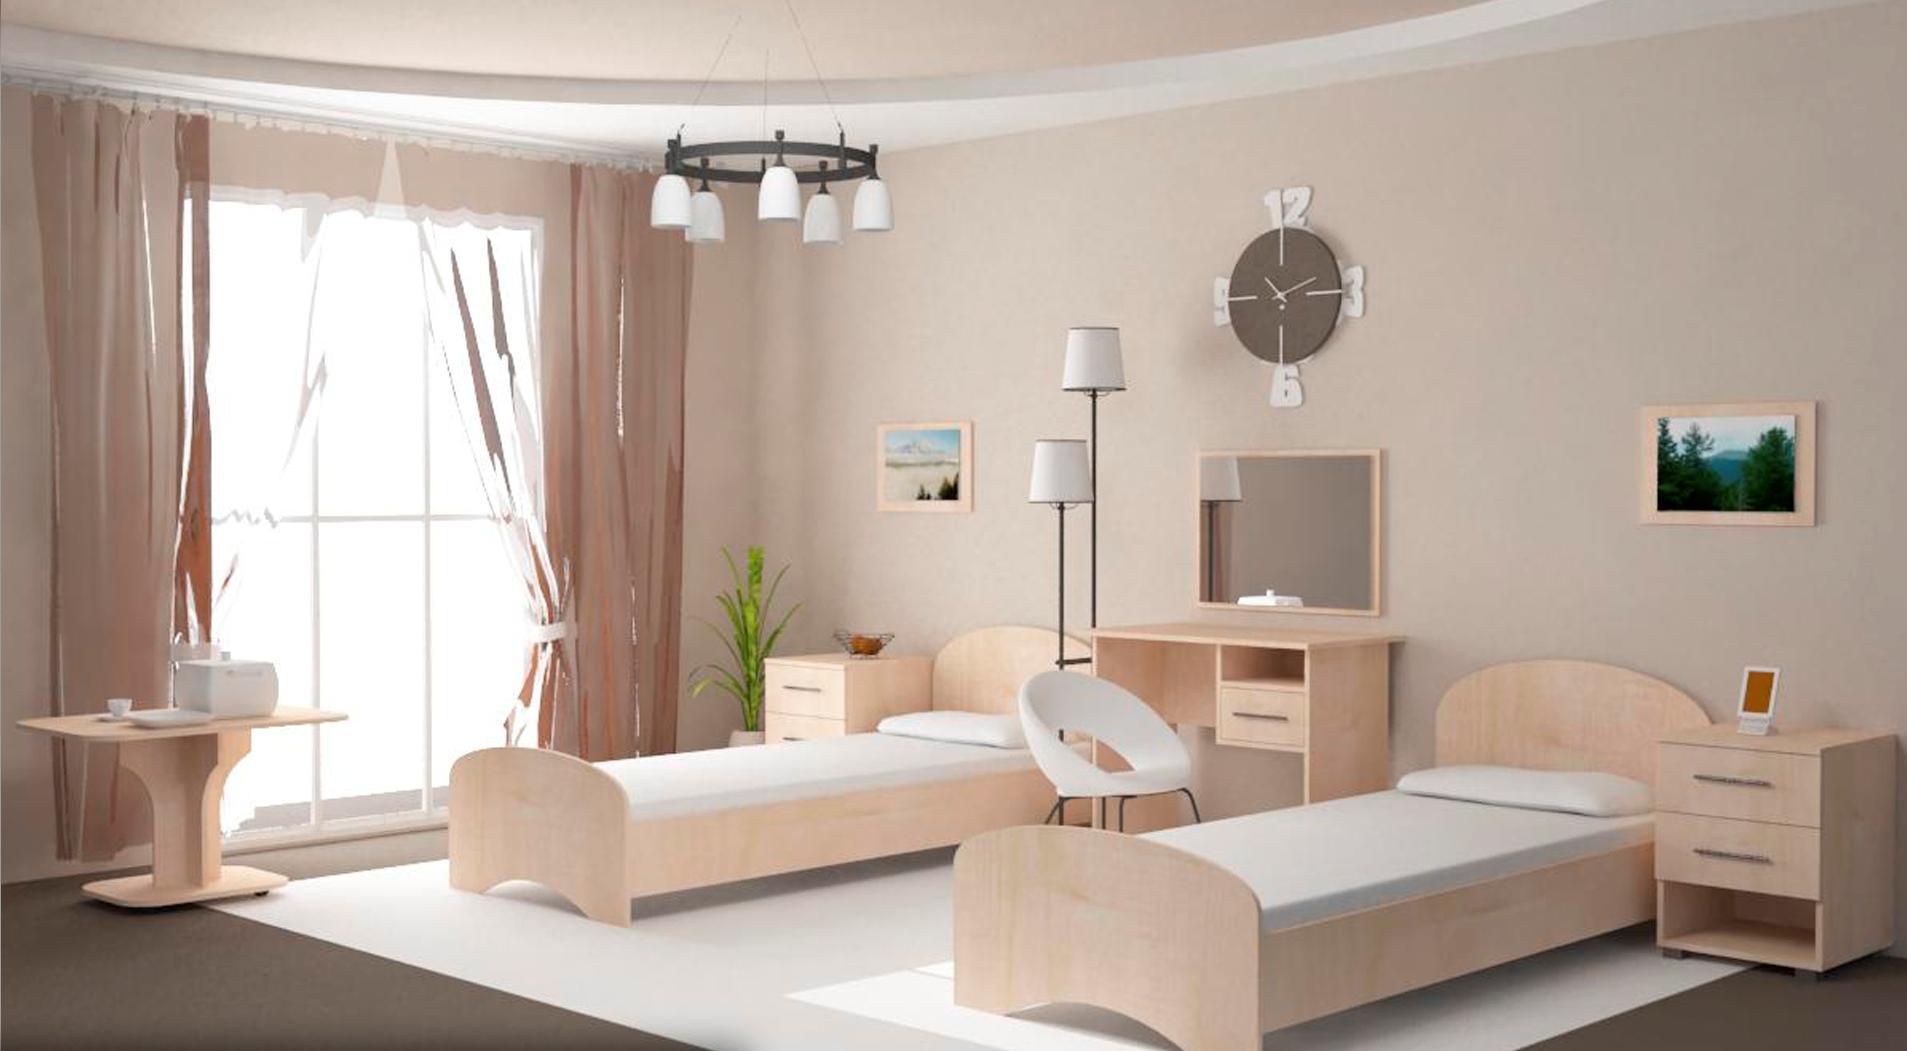 Мебель для обустройства гостиницы